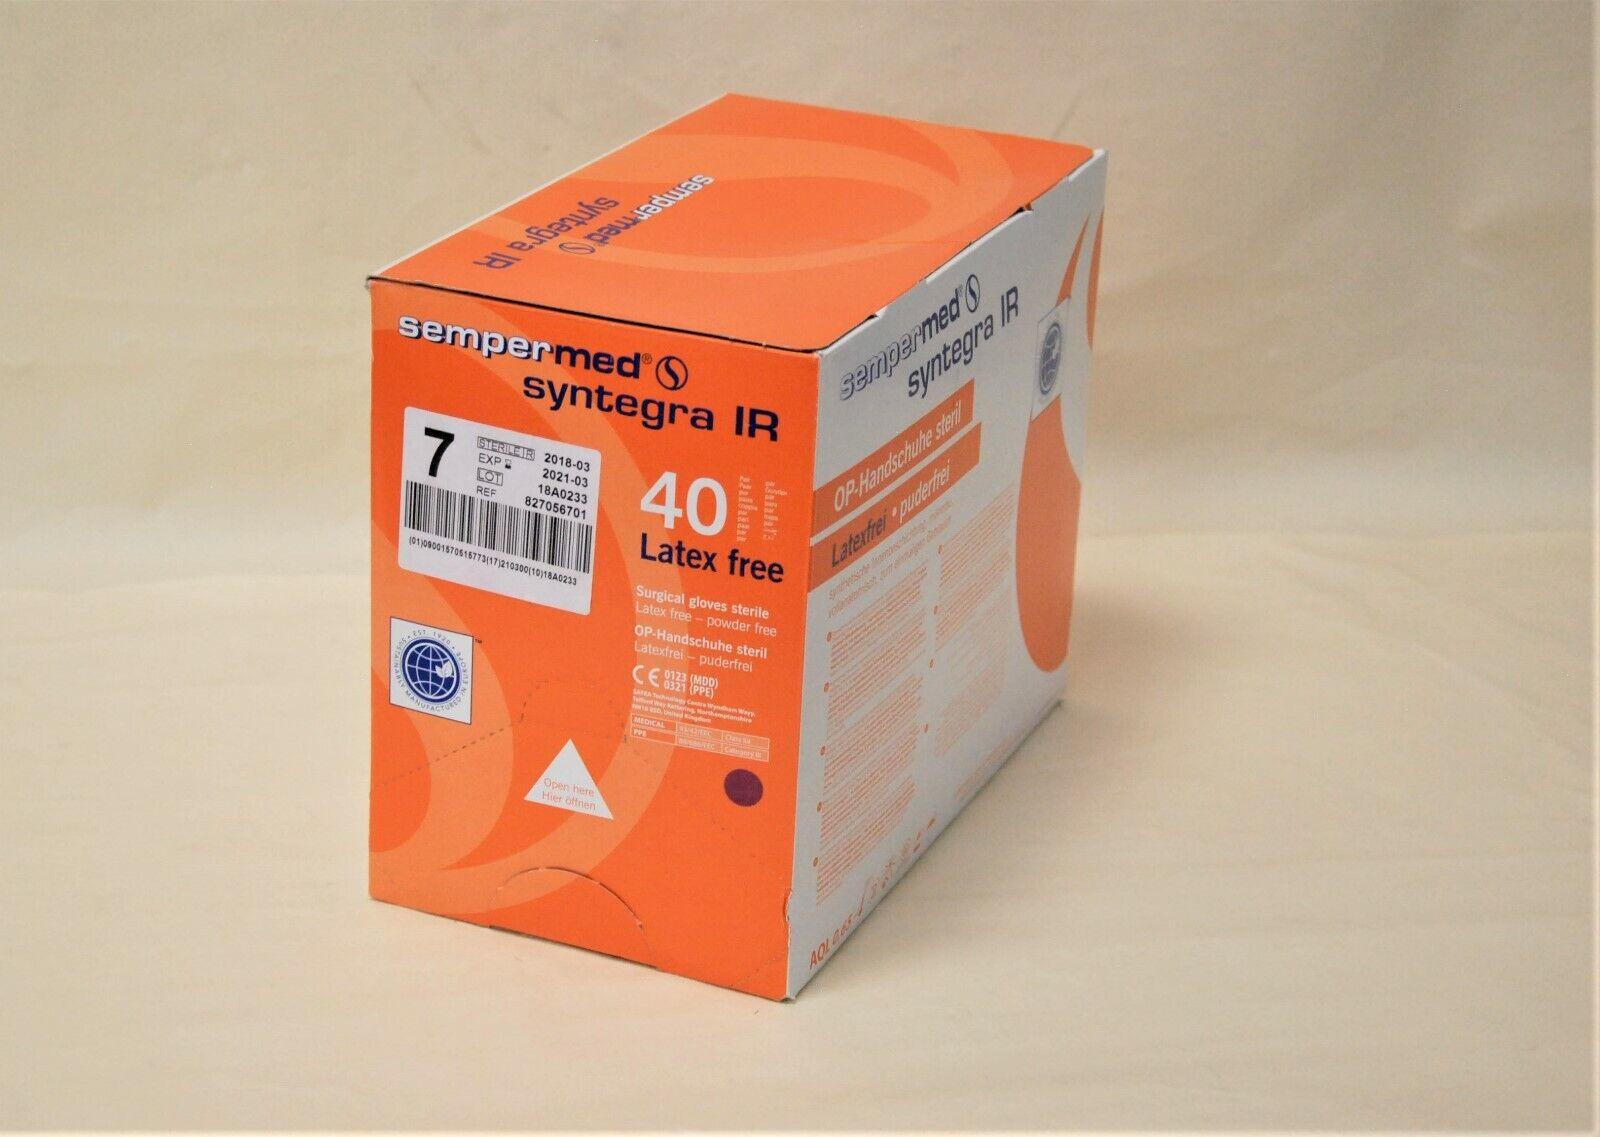 OP-Handschuhe Sempermed Syntegra IR Gr. 7,0 steril latexfrei puderfrei 40Paar